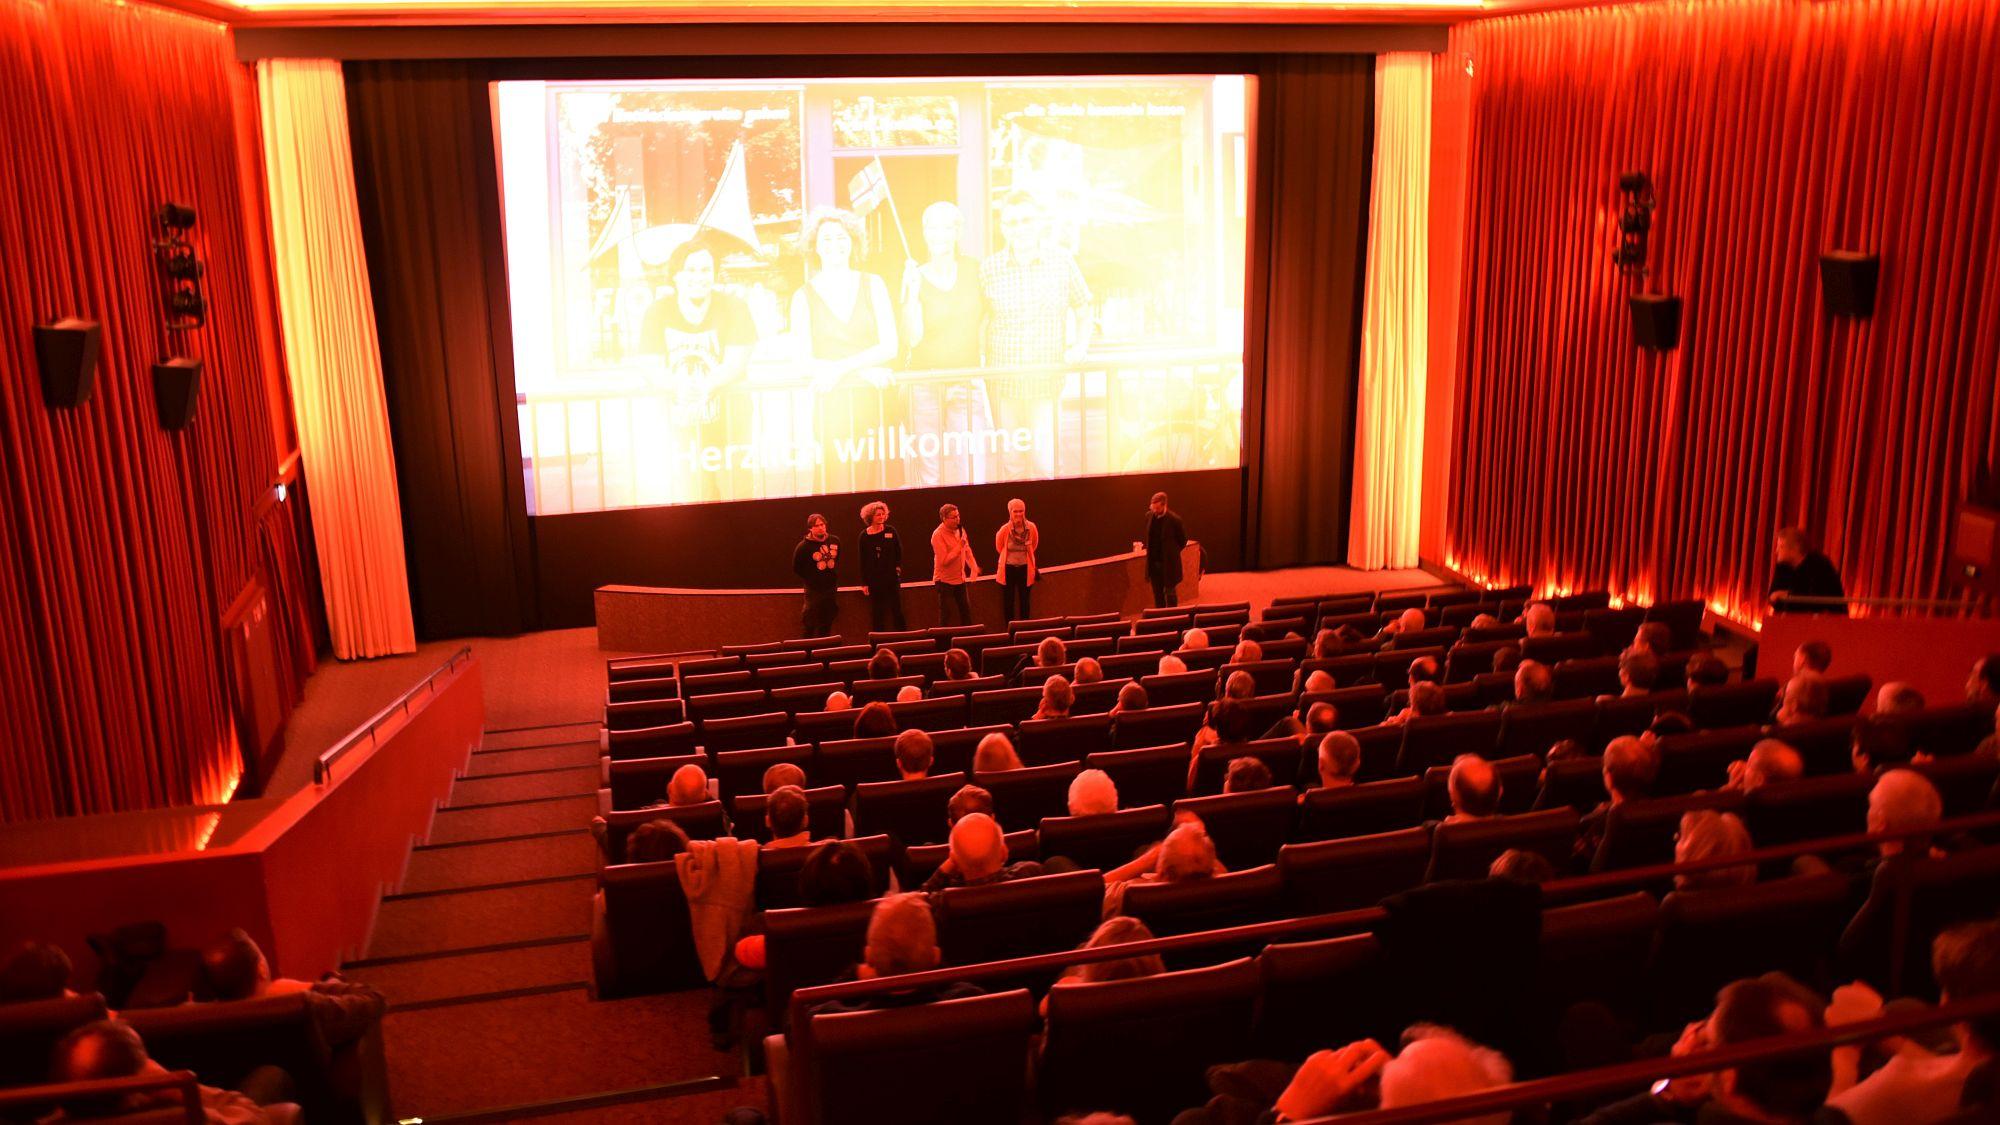 Amundsen Kinosaal von oben